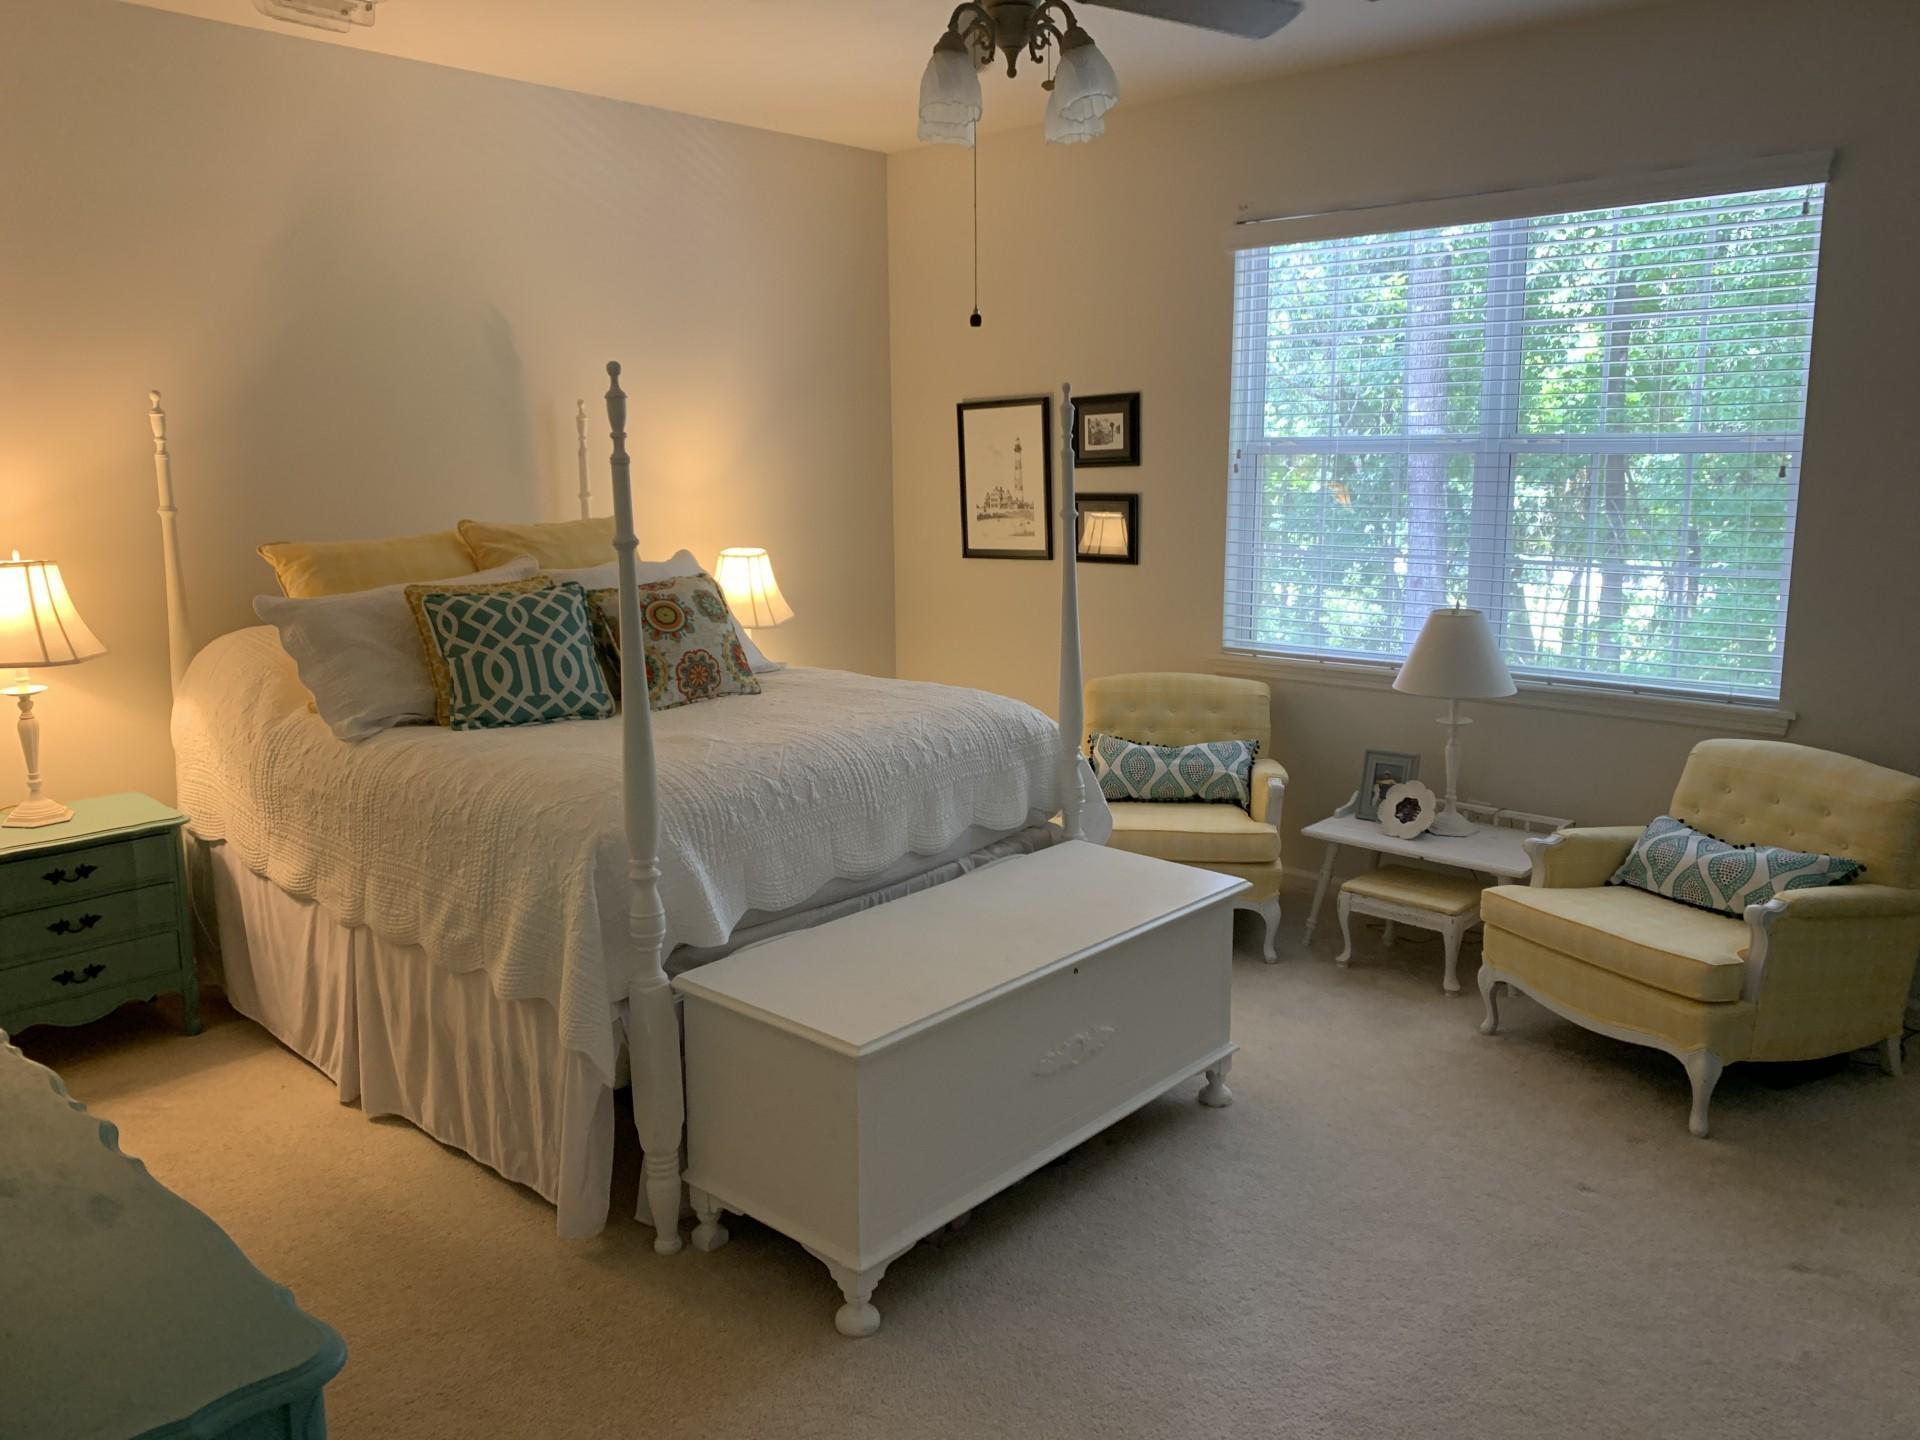 Park West Homes For Sale - 2455 Draymohr, Mount Pleasant, SC - 17